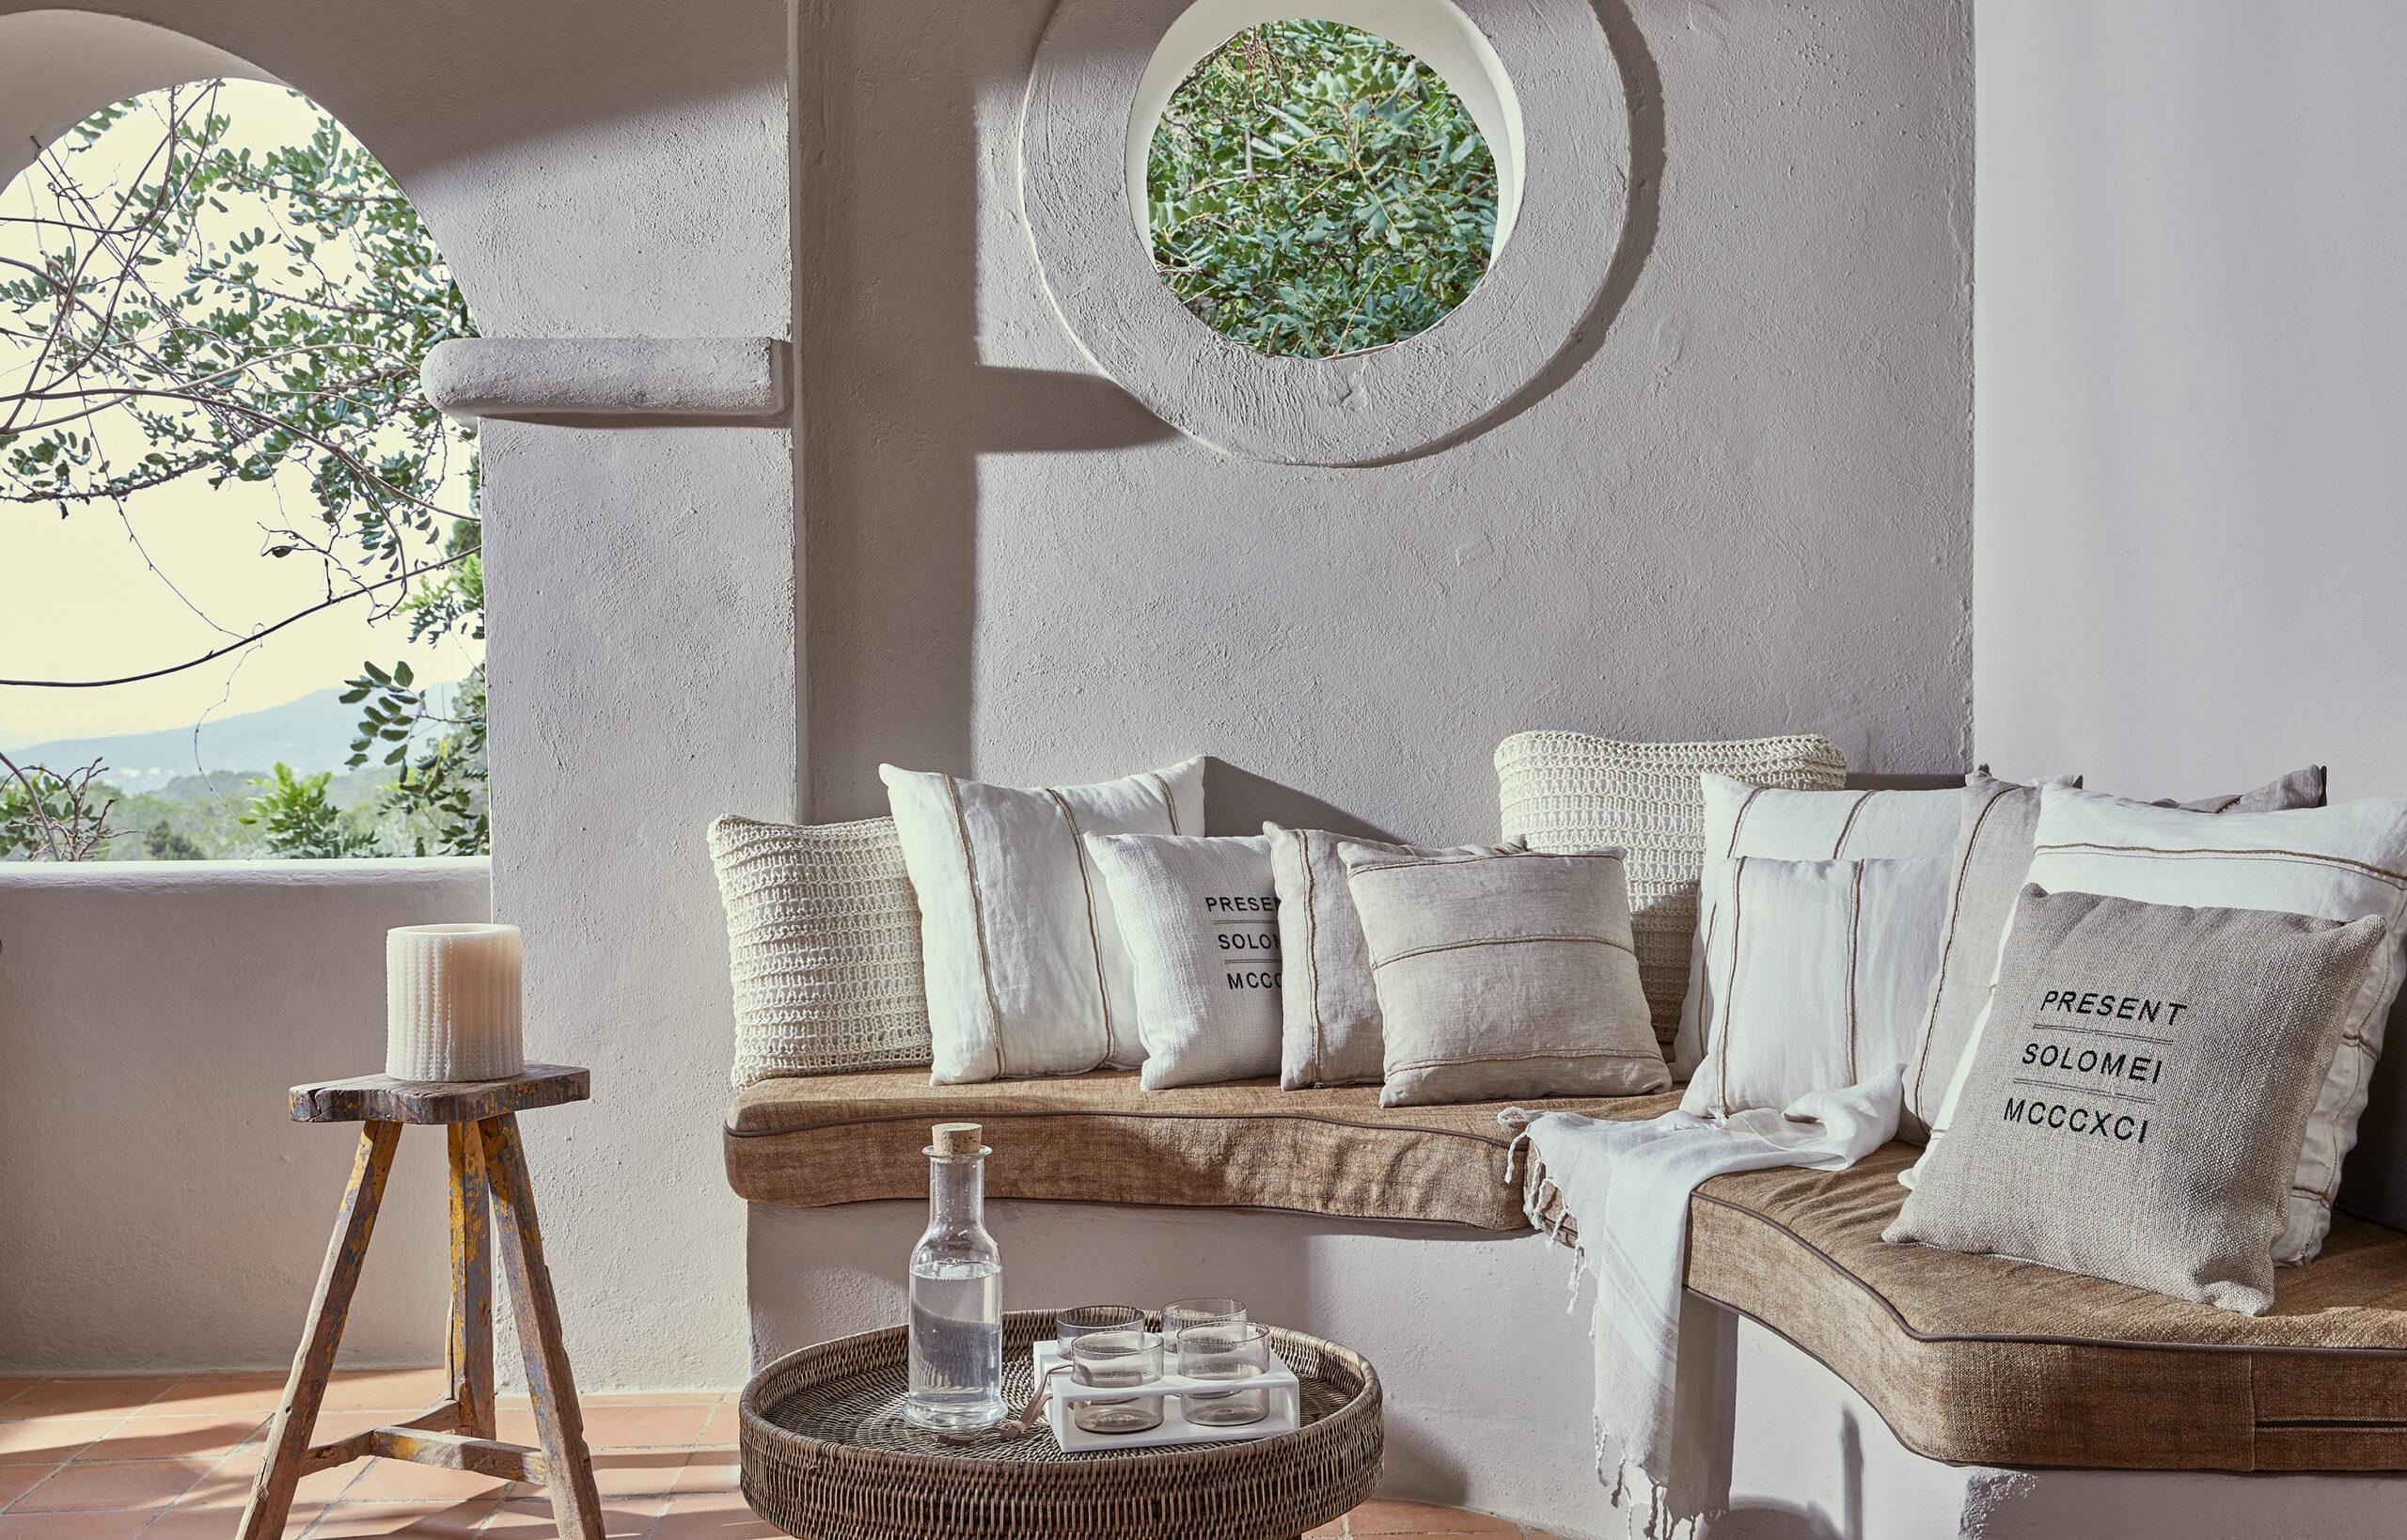 Brunello Cucinelli Home & Lifestyle